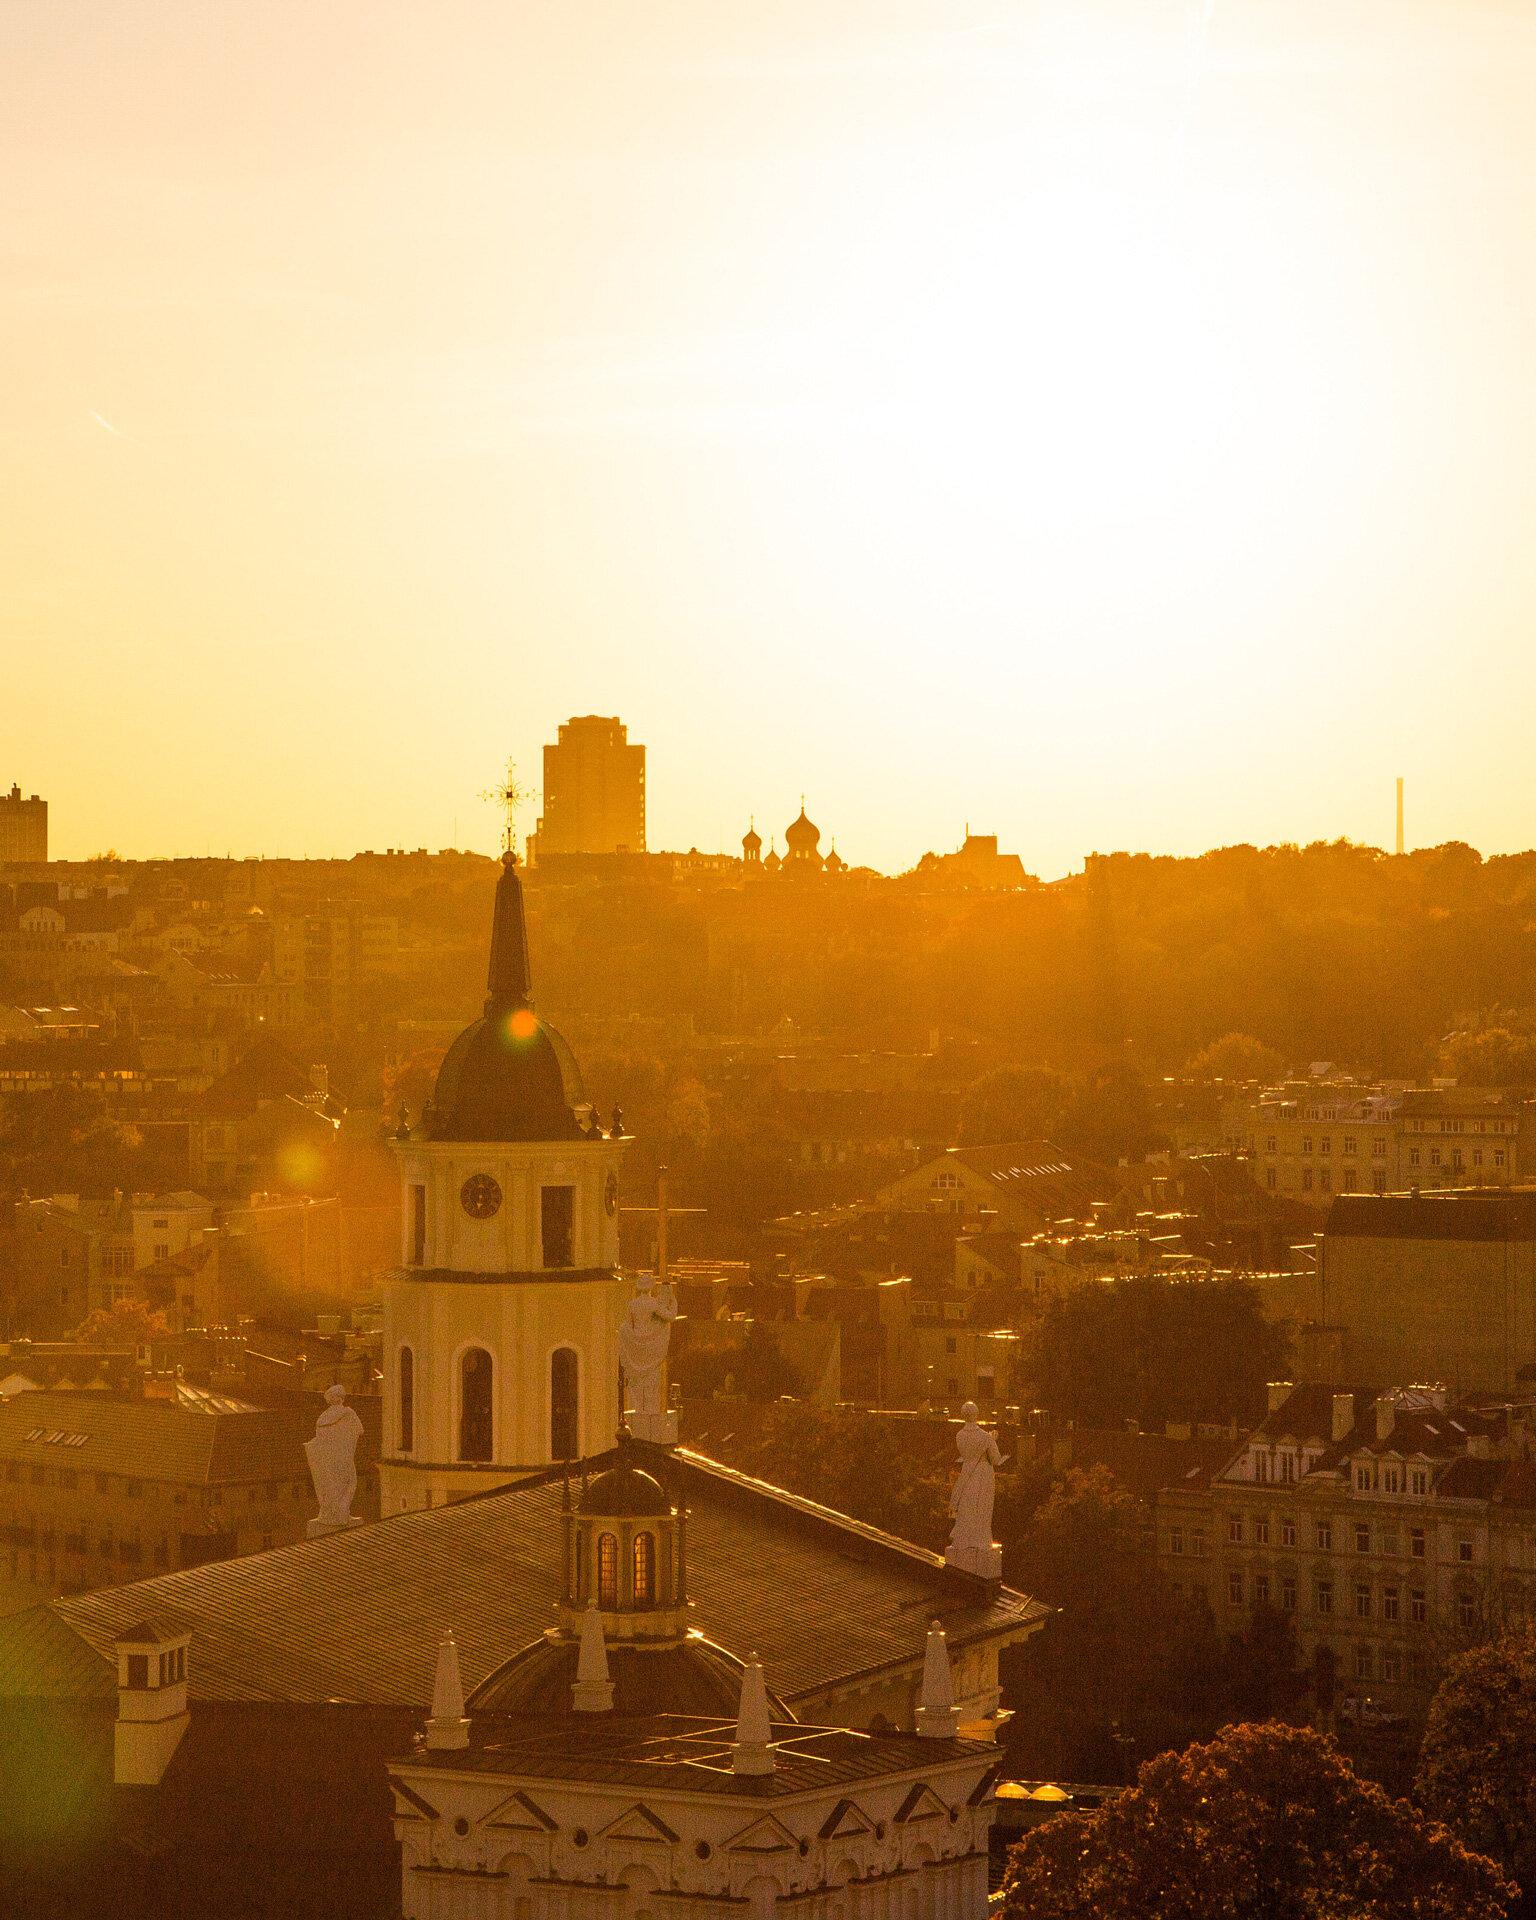 Vilnius-old-city.jpg